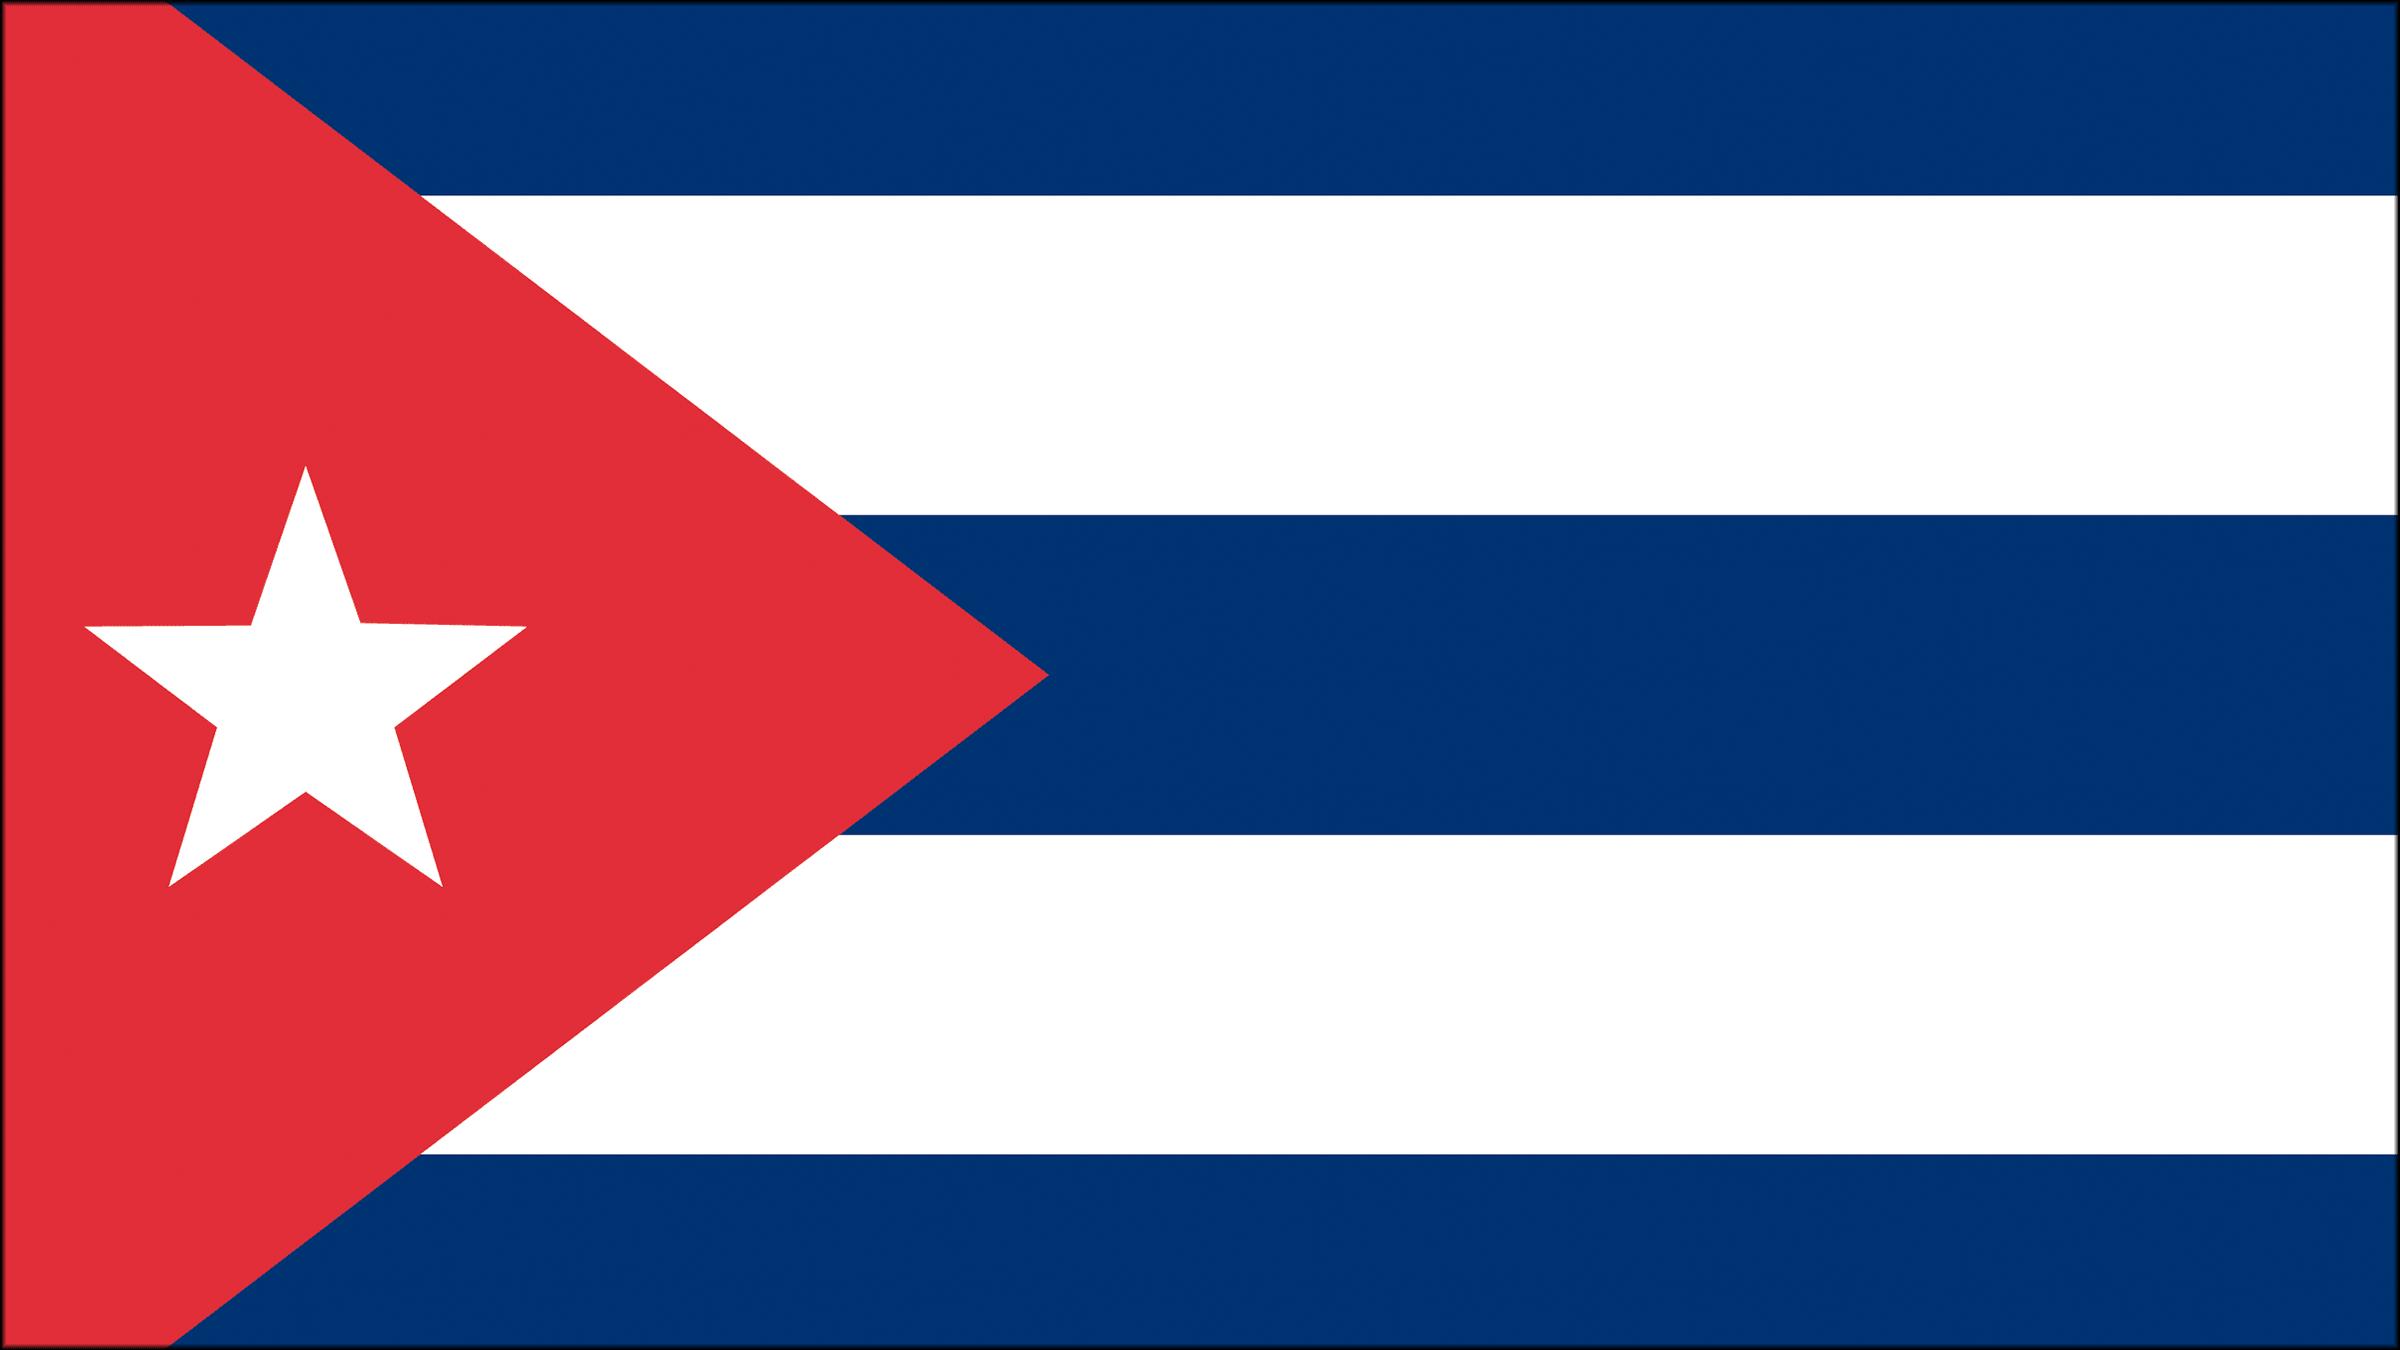 La Bandera De Cuba En La Actualidad